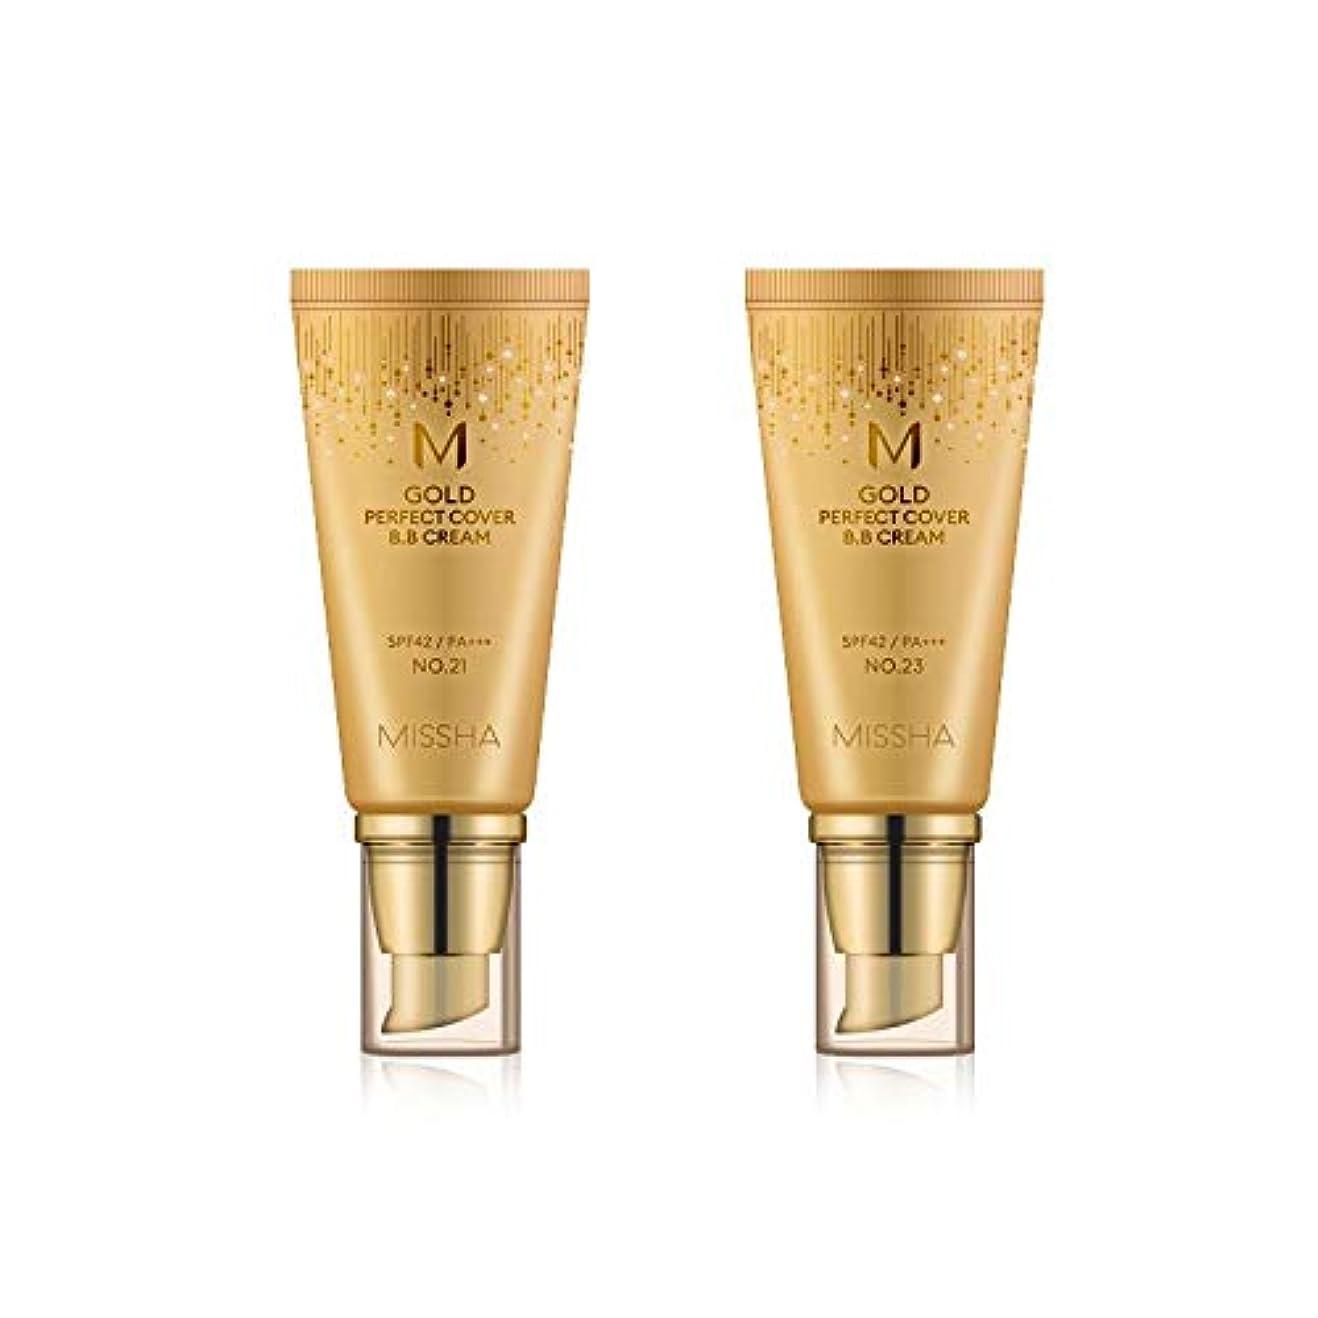 征服する論文ごみMISSHA Gold Perfecte Cover BB Cream SPF42 PA+++ / ミシャ ゴールド パーフェクト カバー BBクリーム 50ml *NO.23 [並行輸入品]